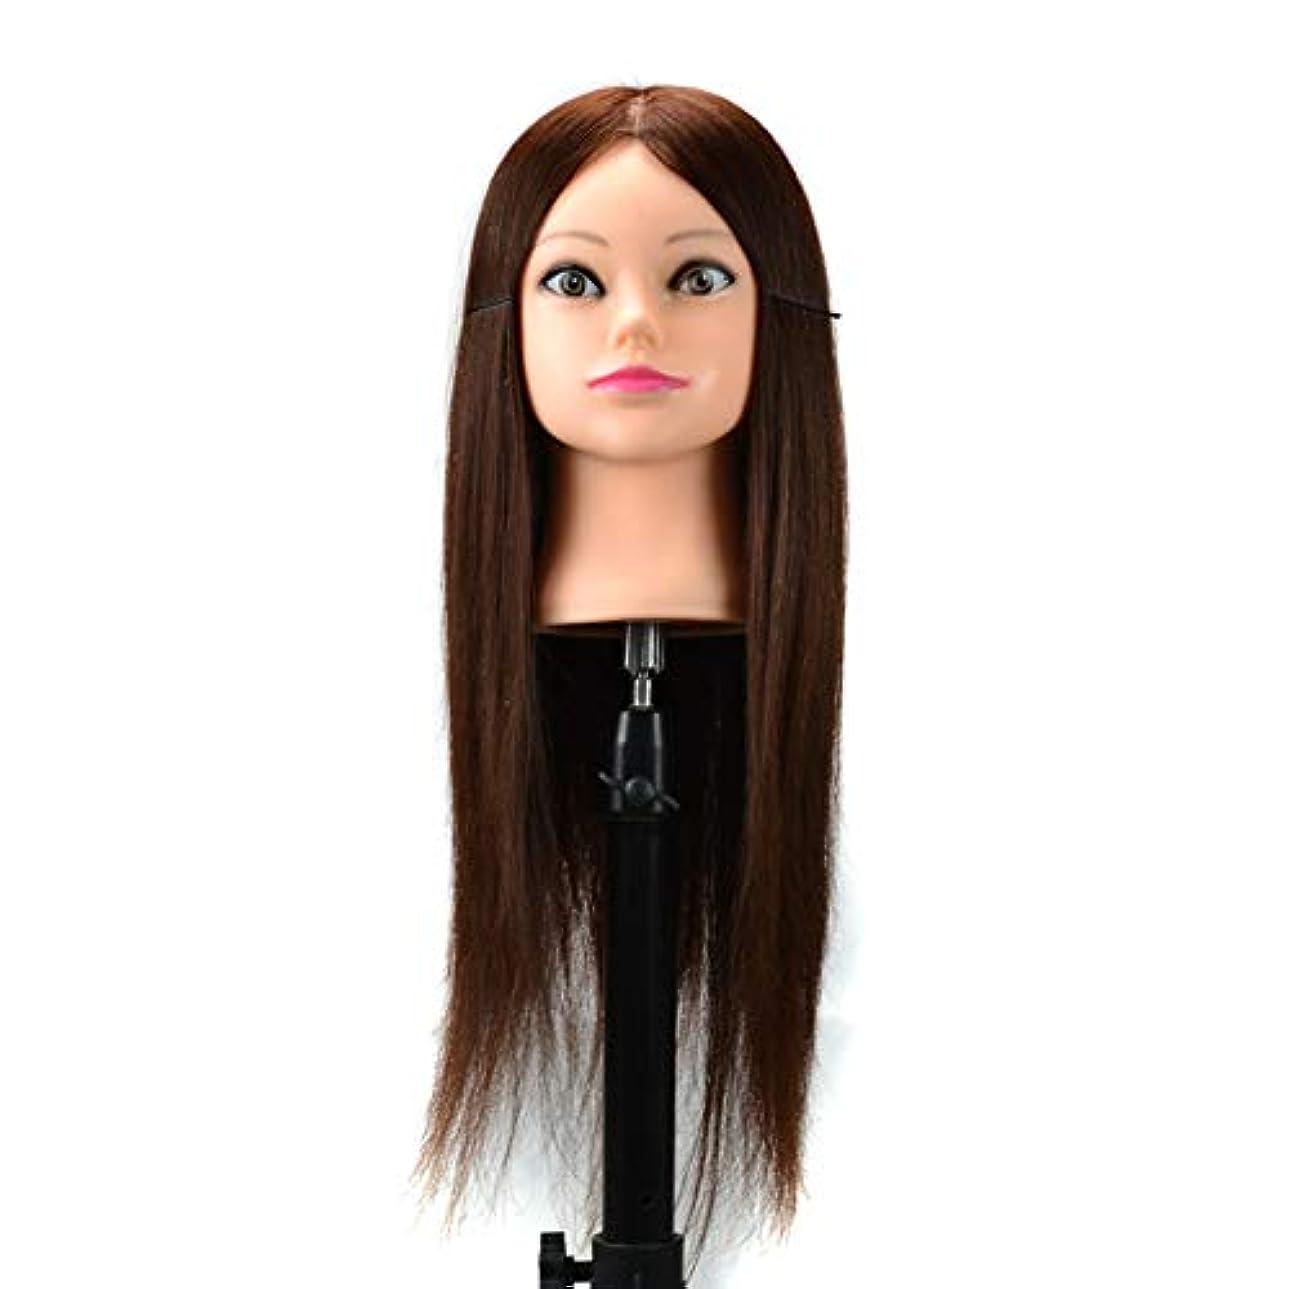 予定面倒ドメイン人間の髪の毛のトレーニングヘッドにすることができますヘアカール練習ヘッド型スタイリング編組ダミーヘッドディスクヘアメイクウィッグマネキンヘッド